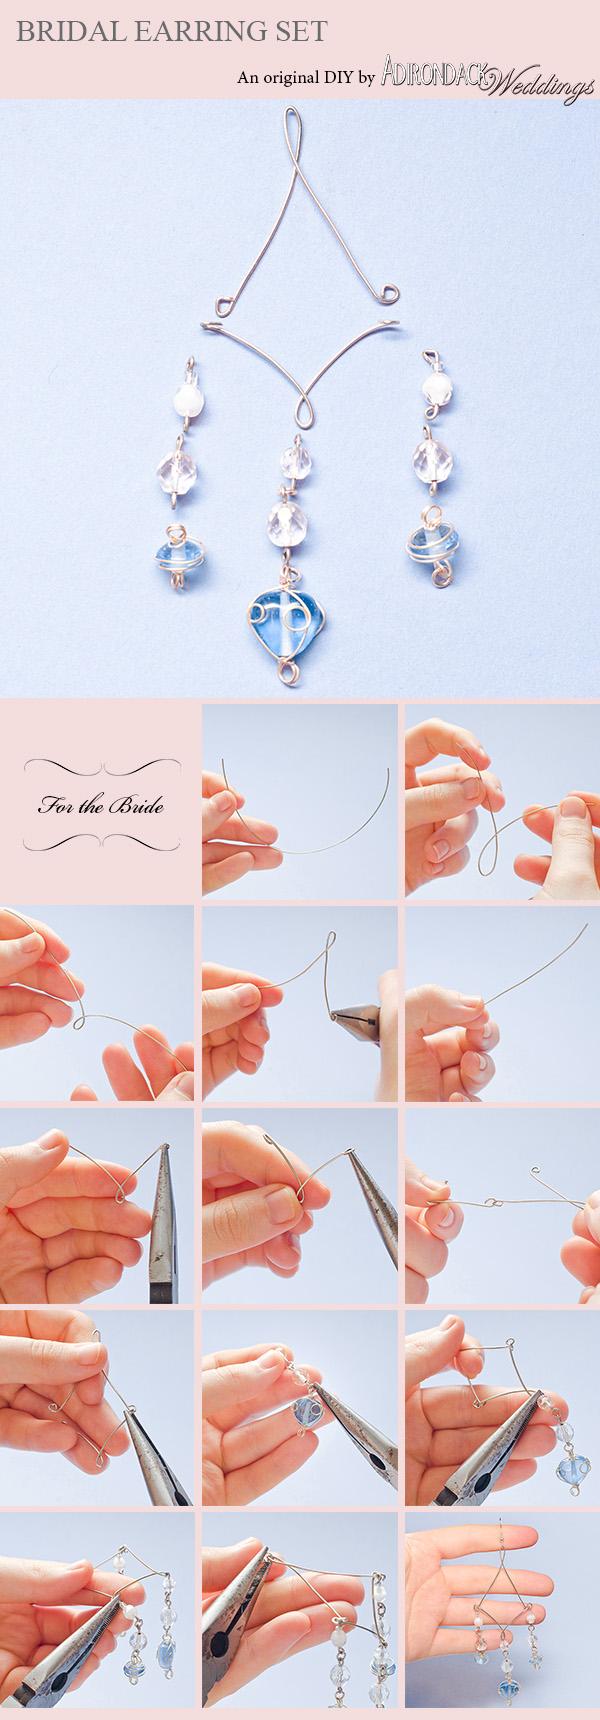 DIY-Earrings-Bride5